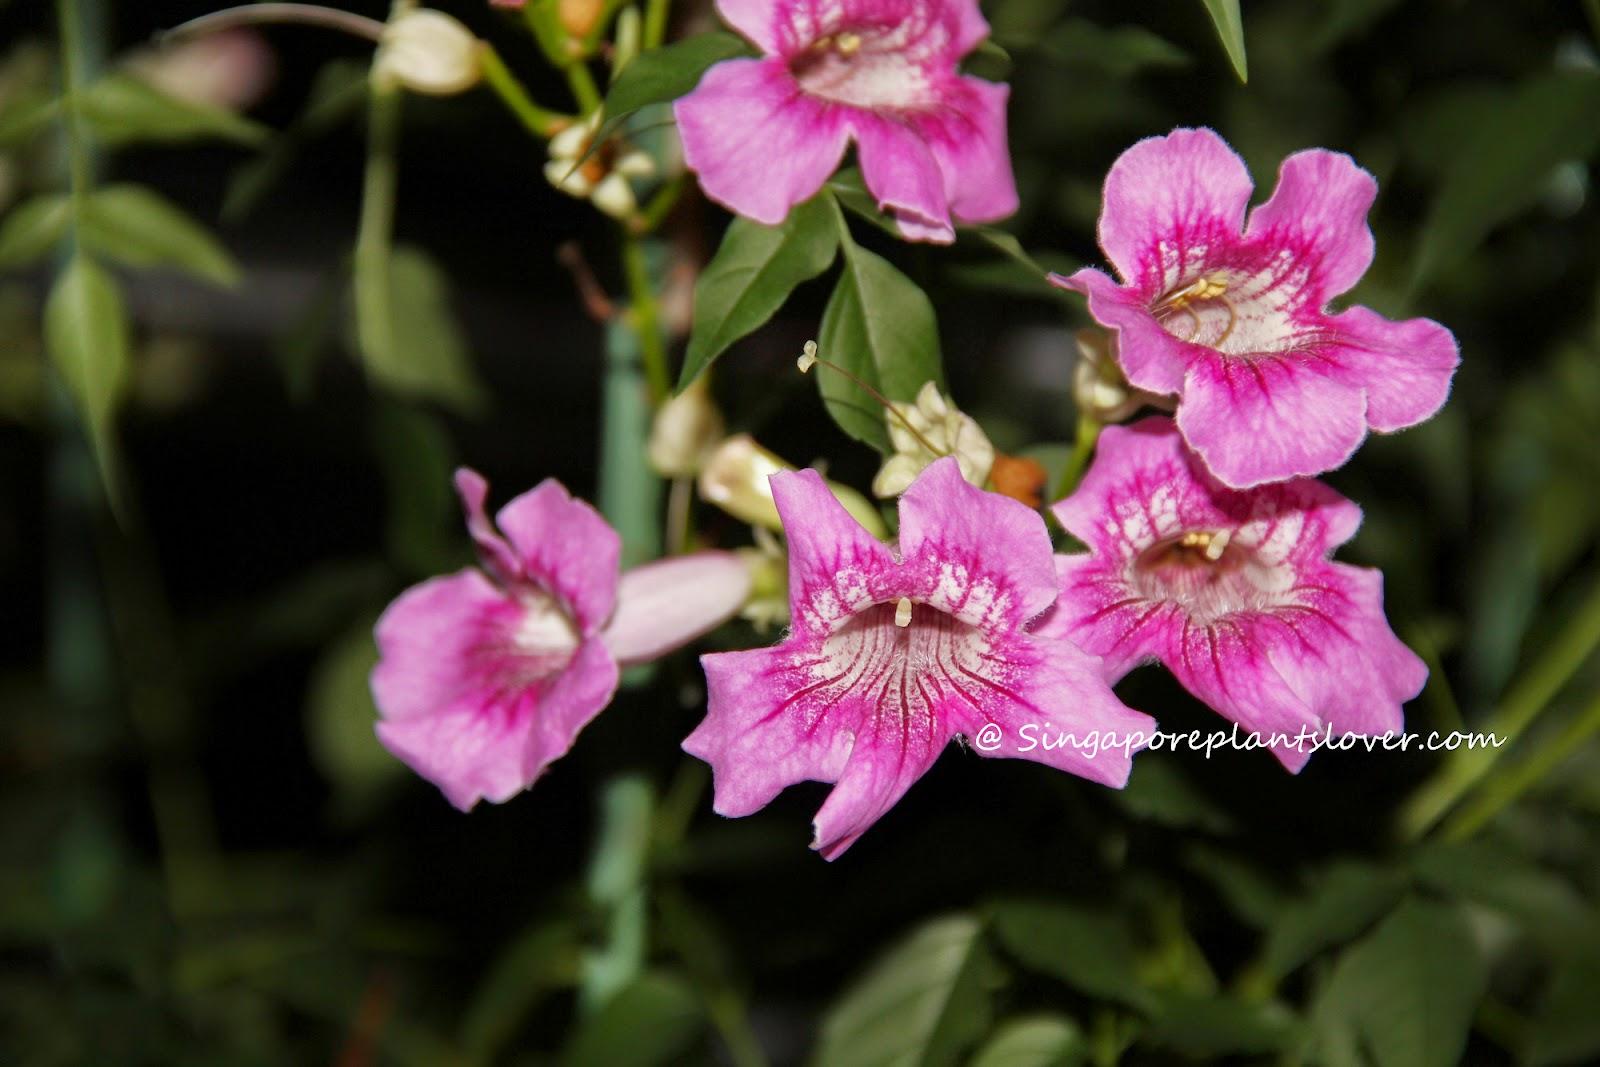 Singapore Plants Lover Todays Flowers Trumpet Vine